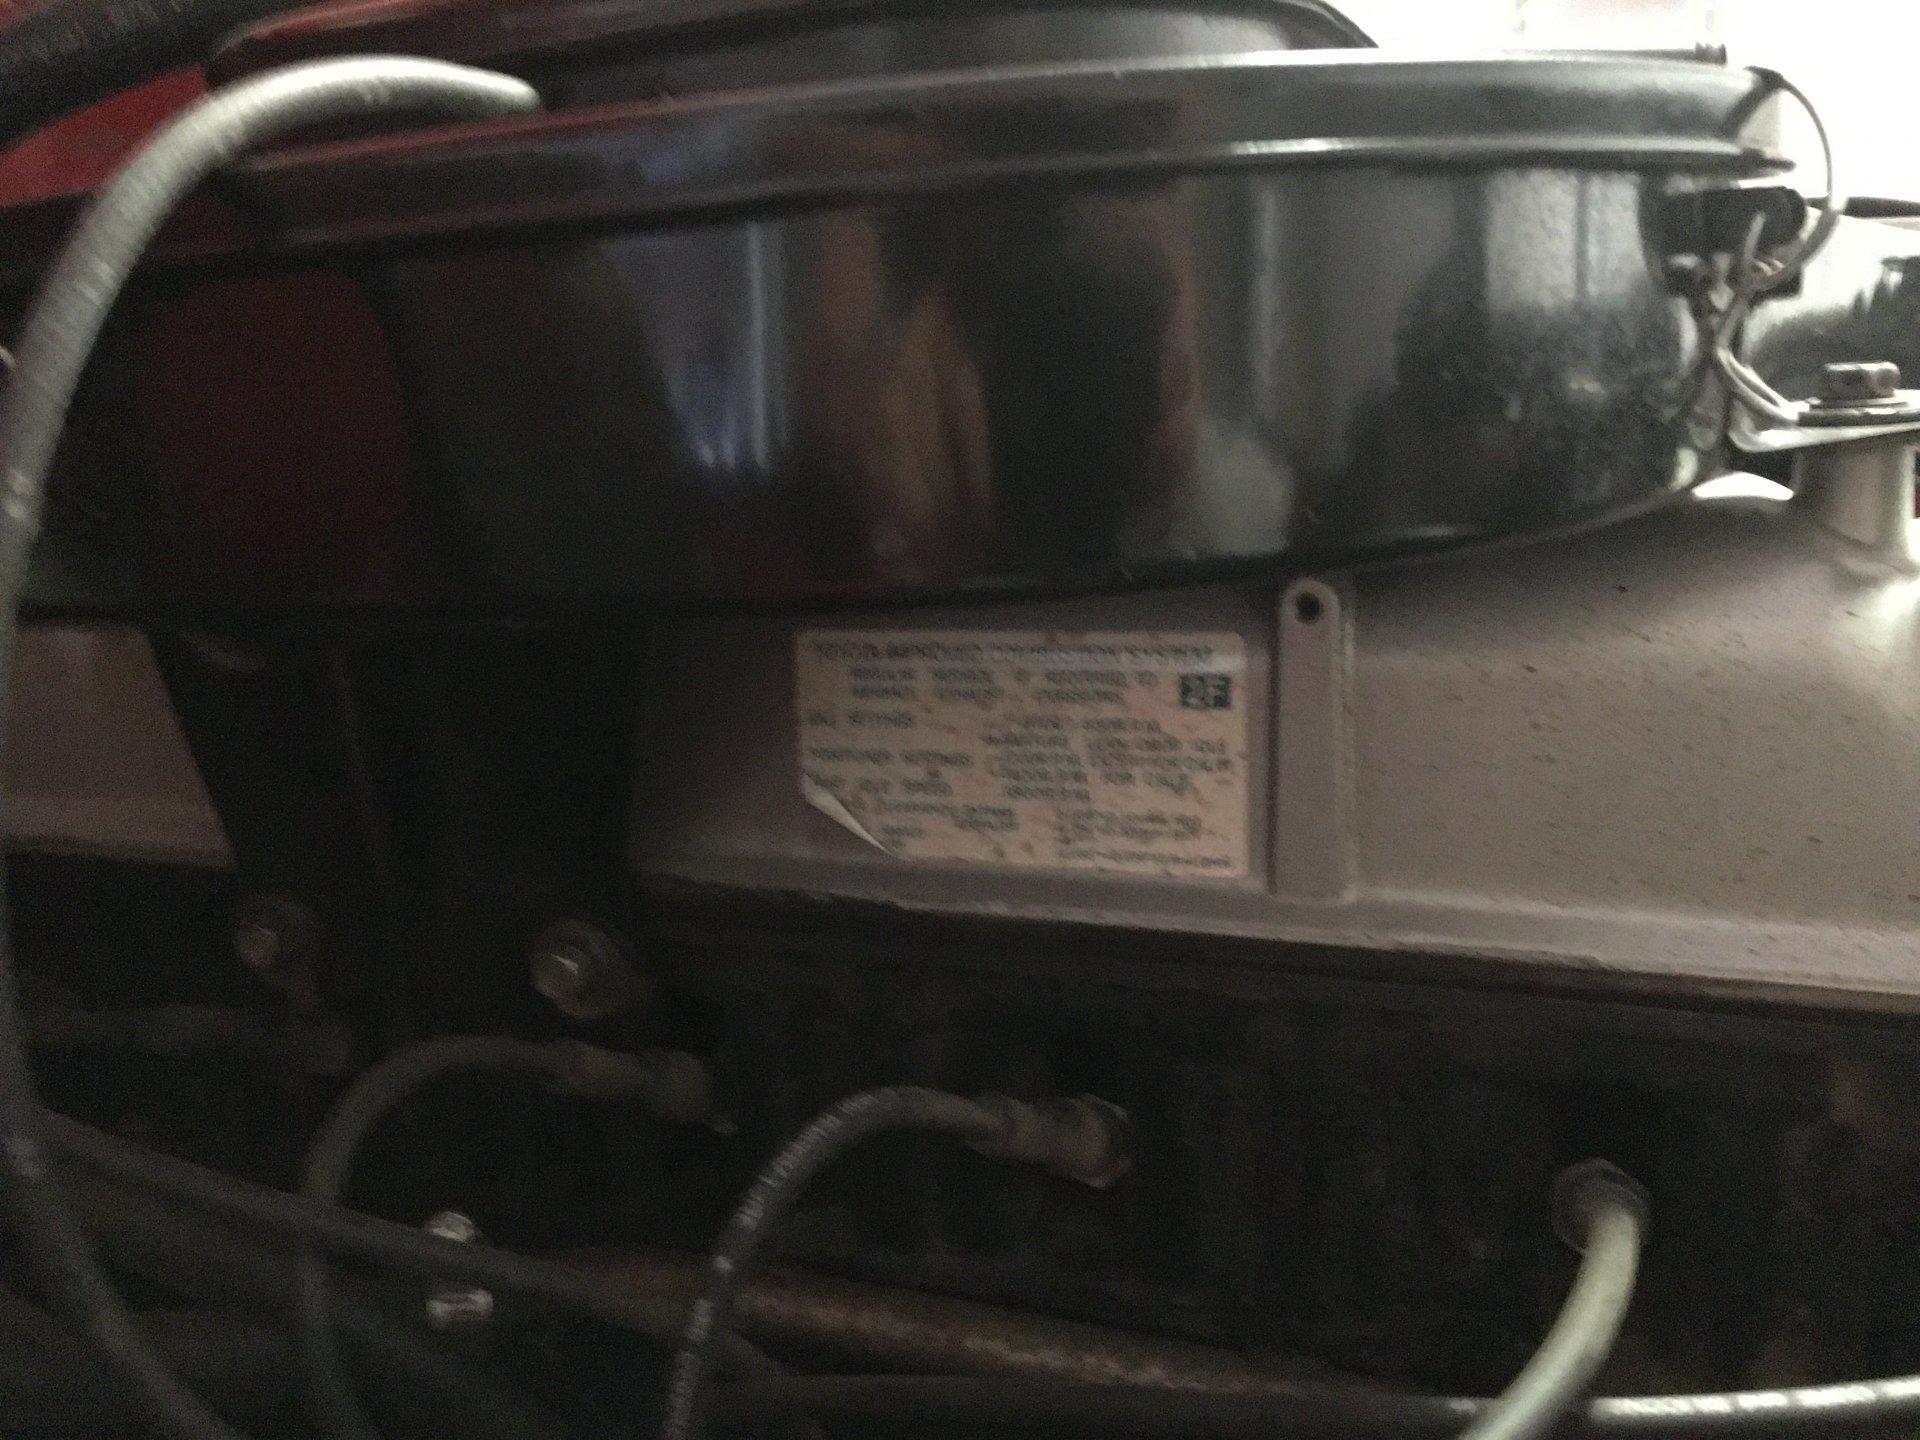 2C35C168-B5E2-4F05-AE6E-9E82A08DDC56.jpeg